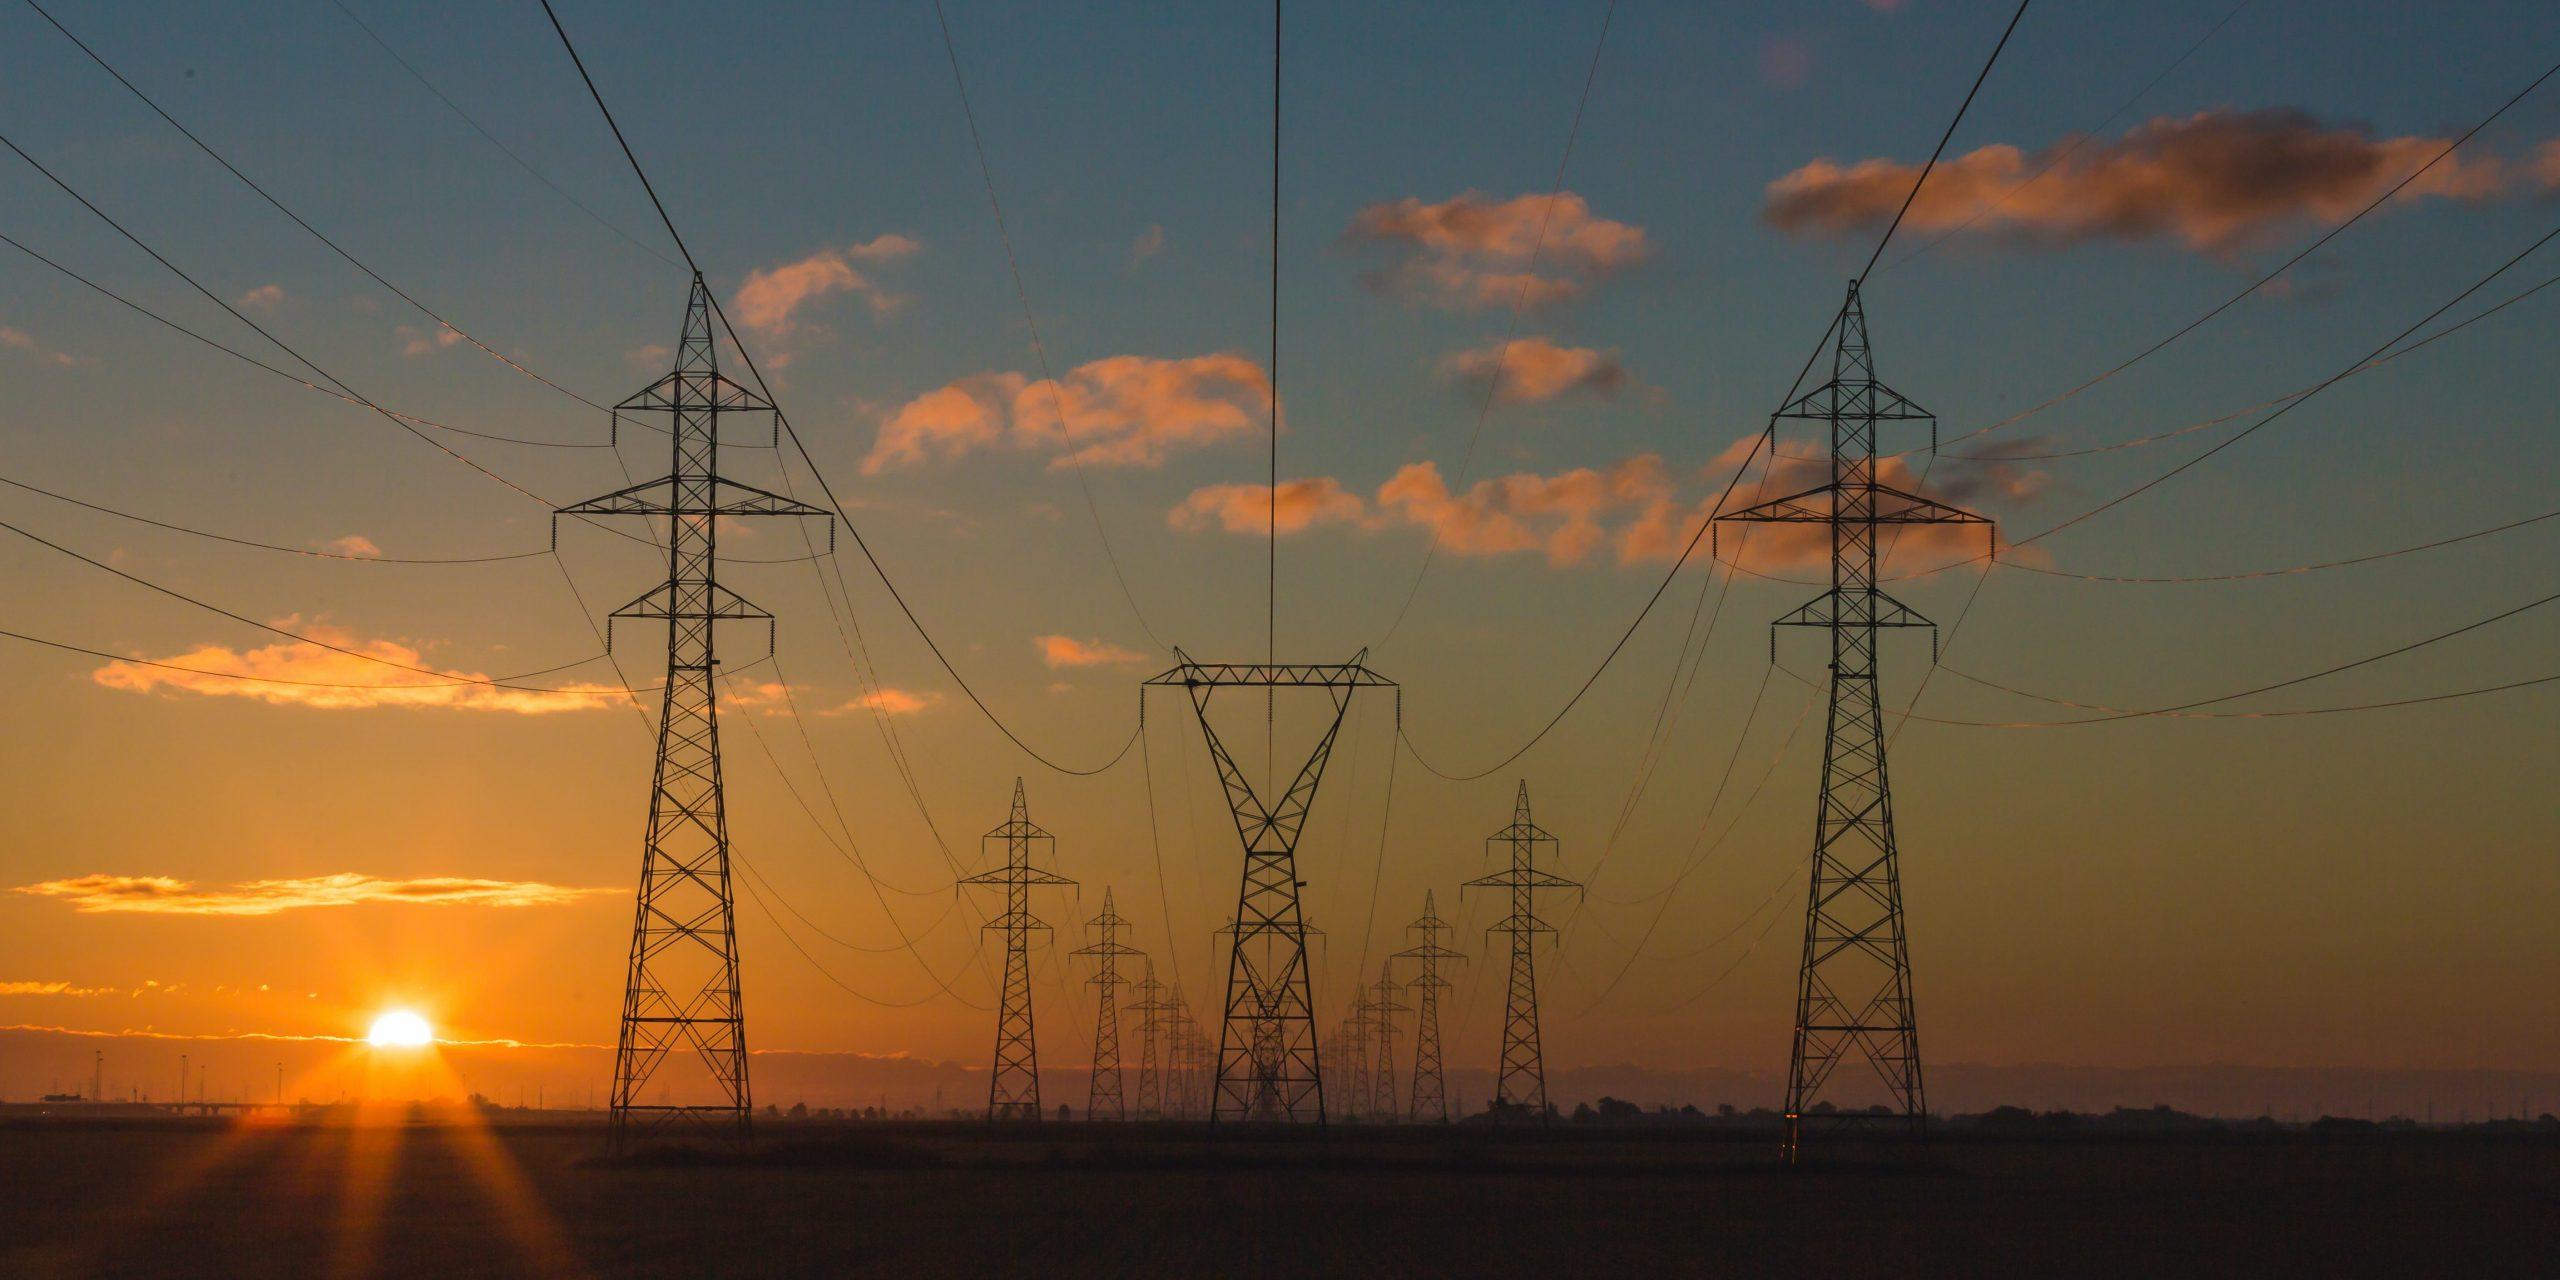 Эксперты: энергетики России сэкономят триллионы рублей за счет искусственного интеллекта